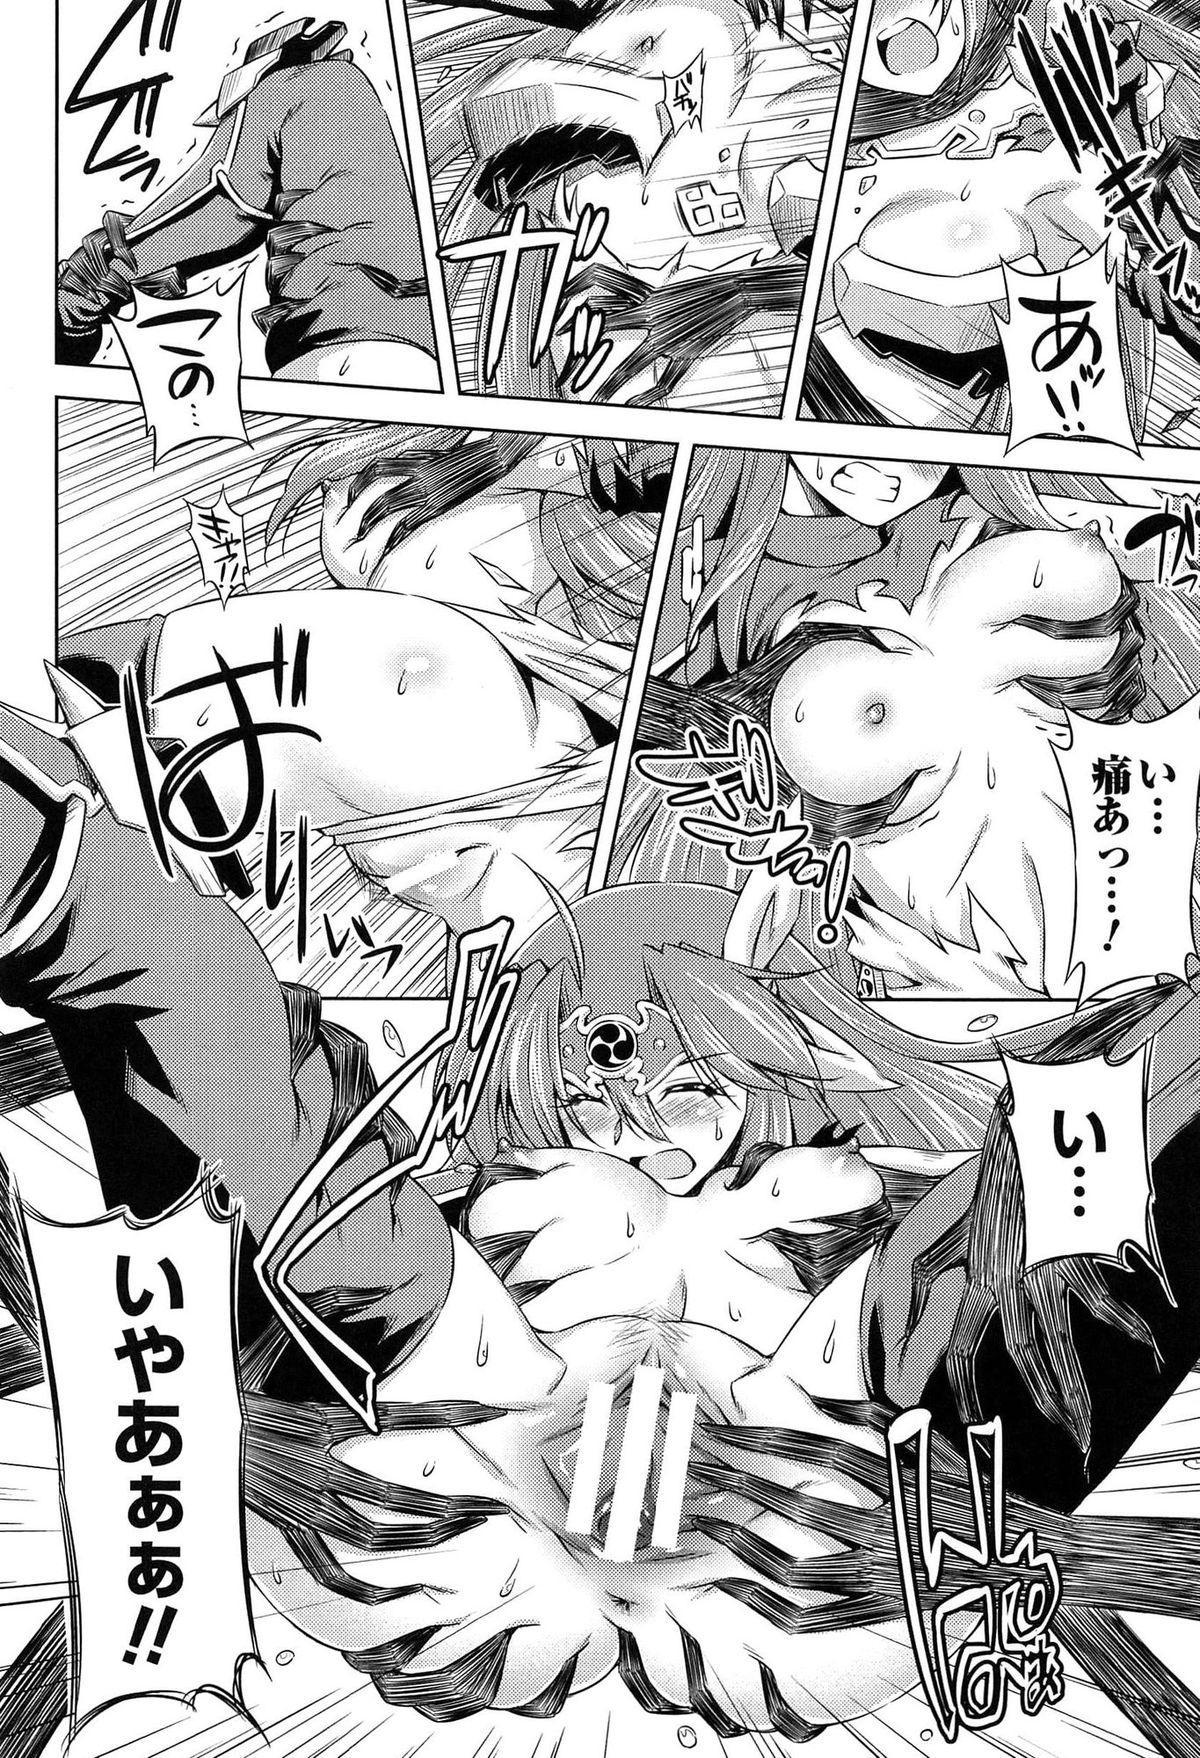 [kazuma muramasa, ZyX] Ikazuchi no Senshi Raidy ~Haja no Raikou~ THE COMIC 115